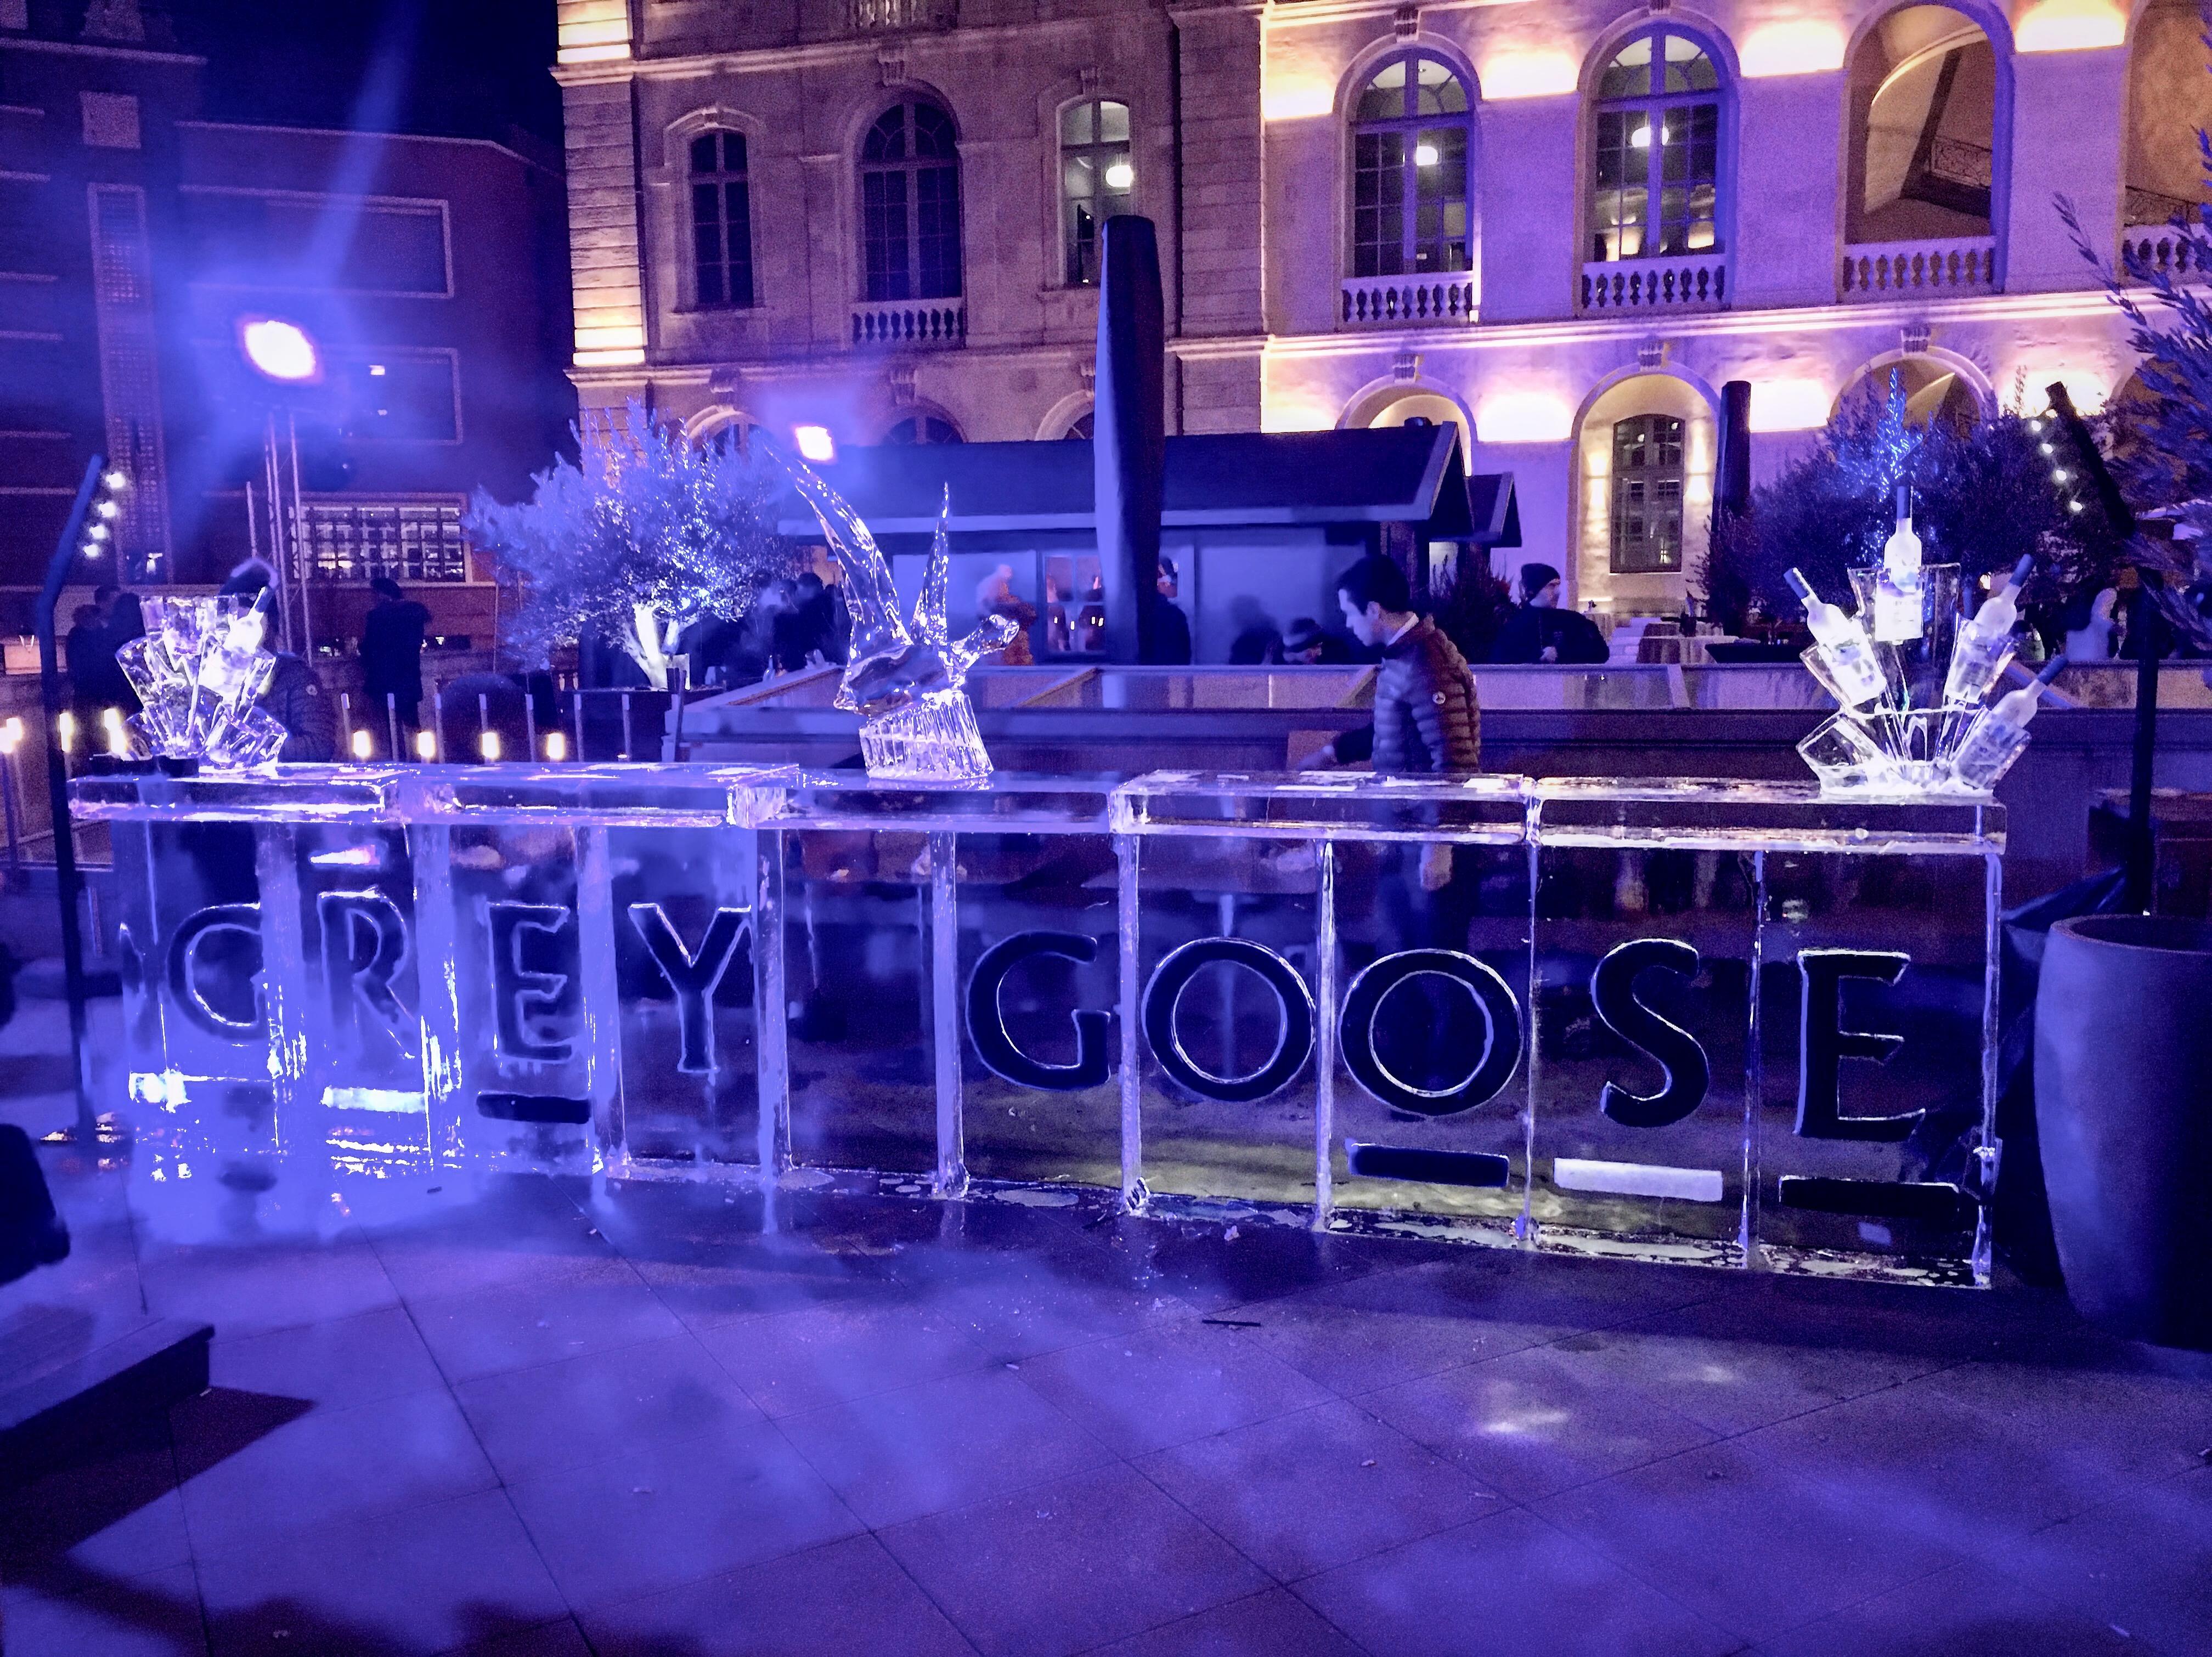 Bar en glace, France, sculpture sur glace France